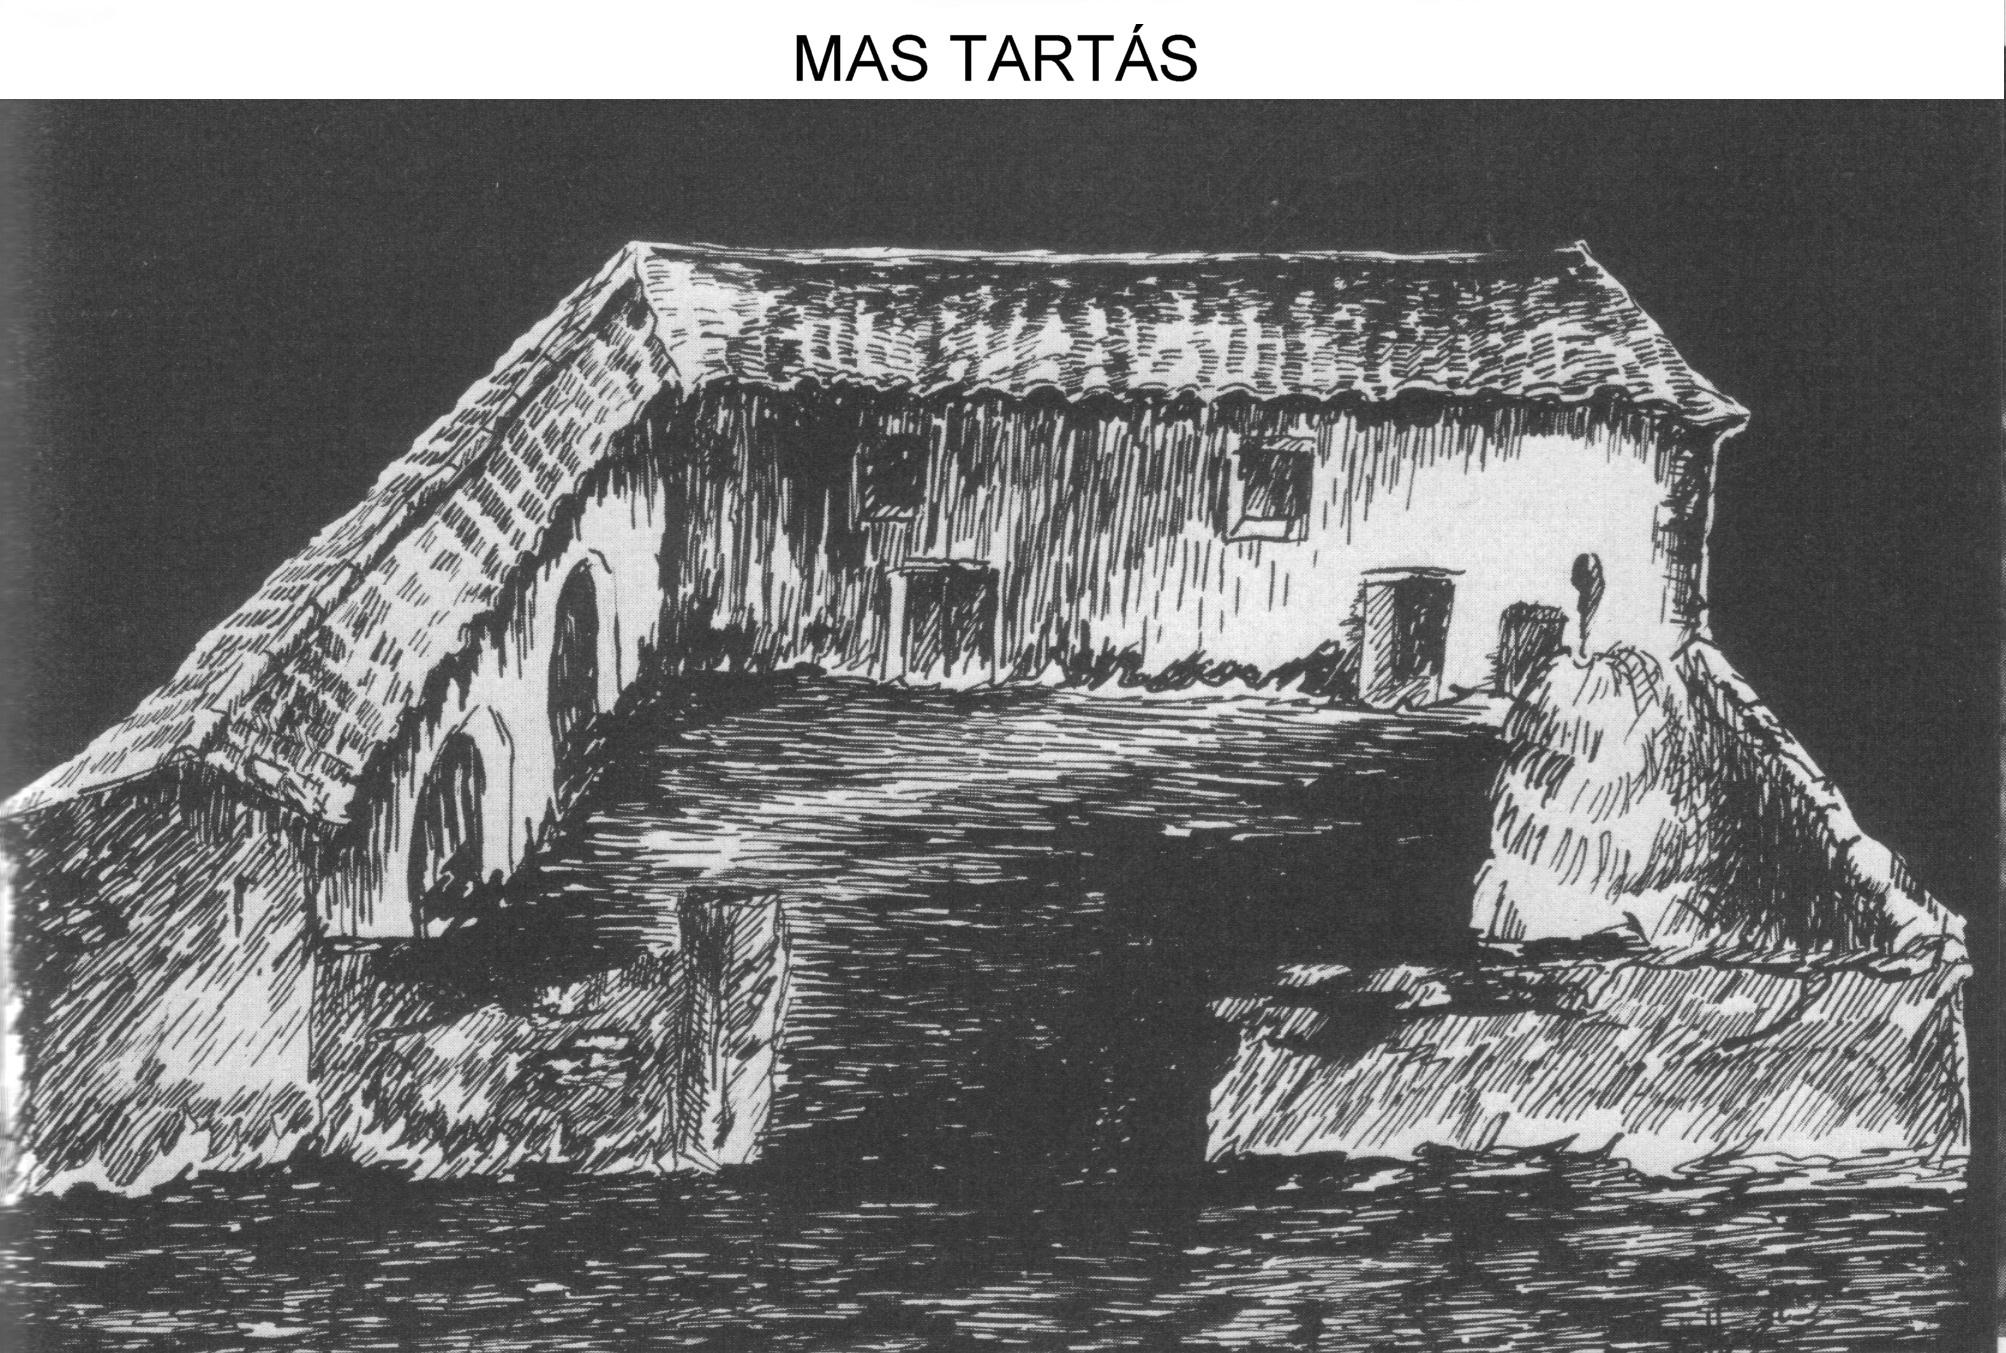 Dibujo del Tartás realizado por el guerrillero Domenec Ibars, de esta base salieron muchos de los libros caminadores.